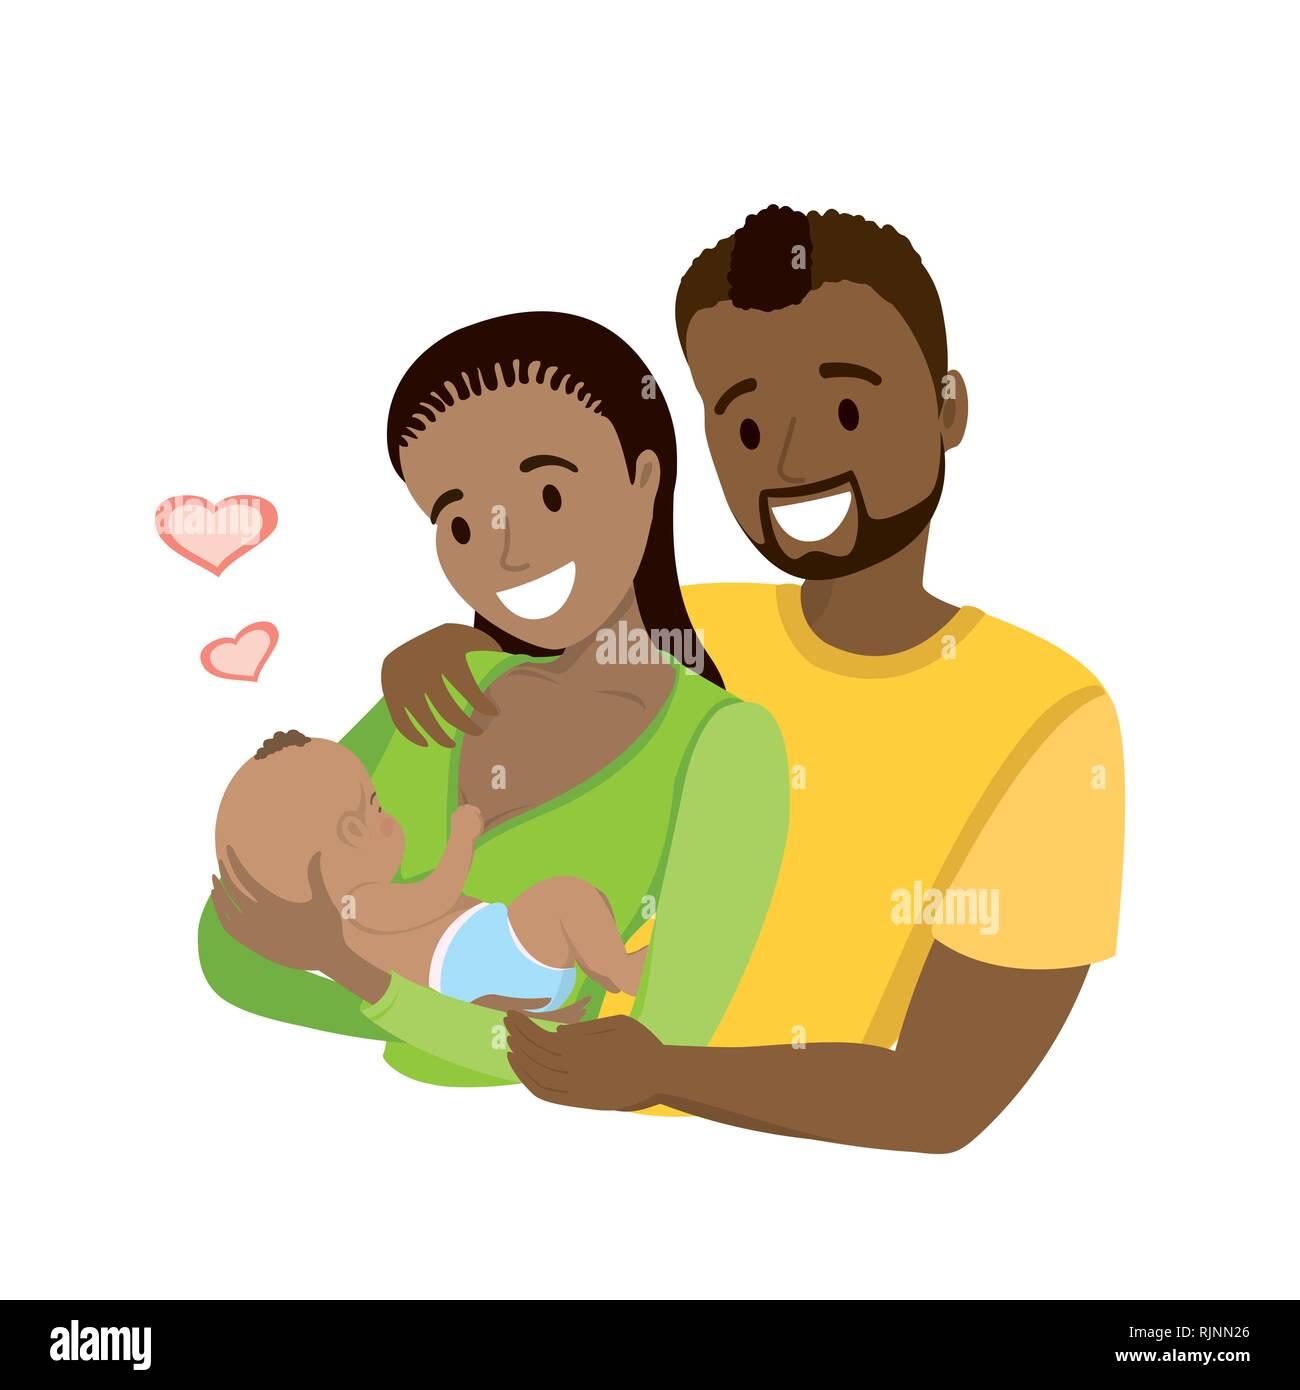 Ilustración de Personaje Femenino Con Bebé Recién Nacido En